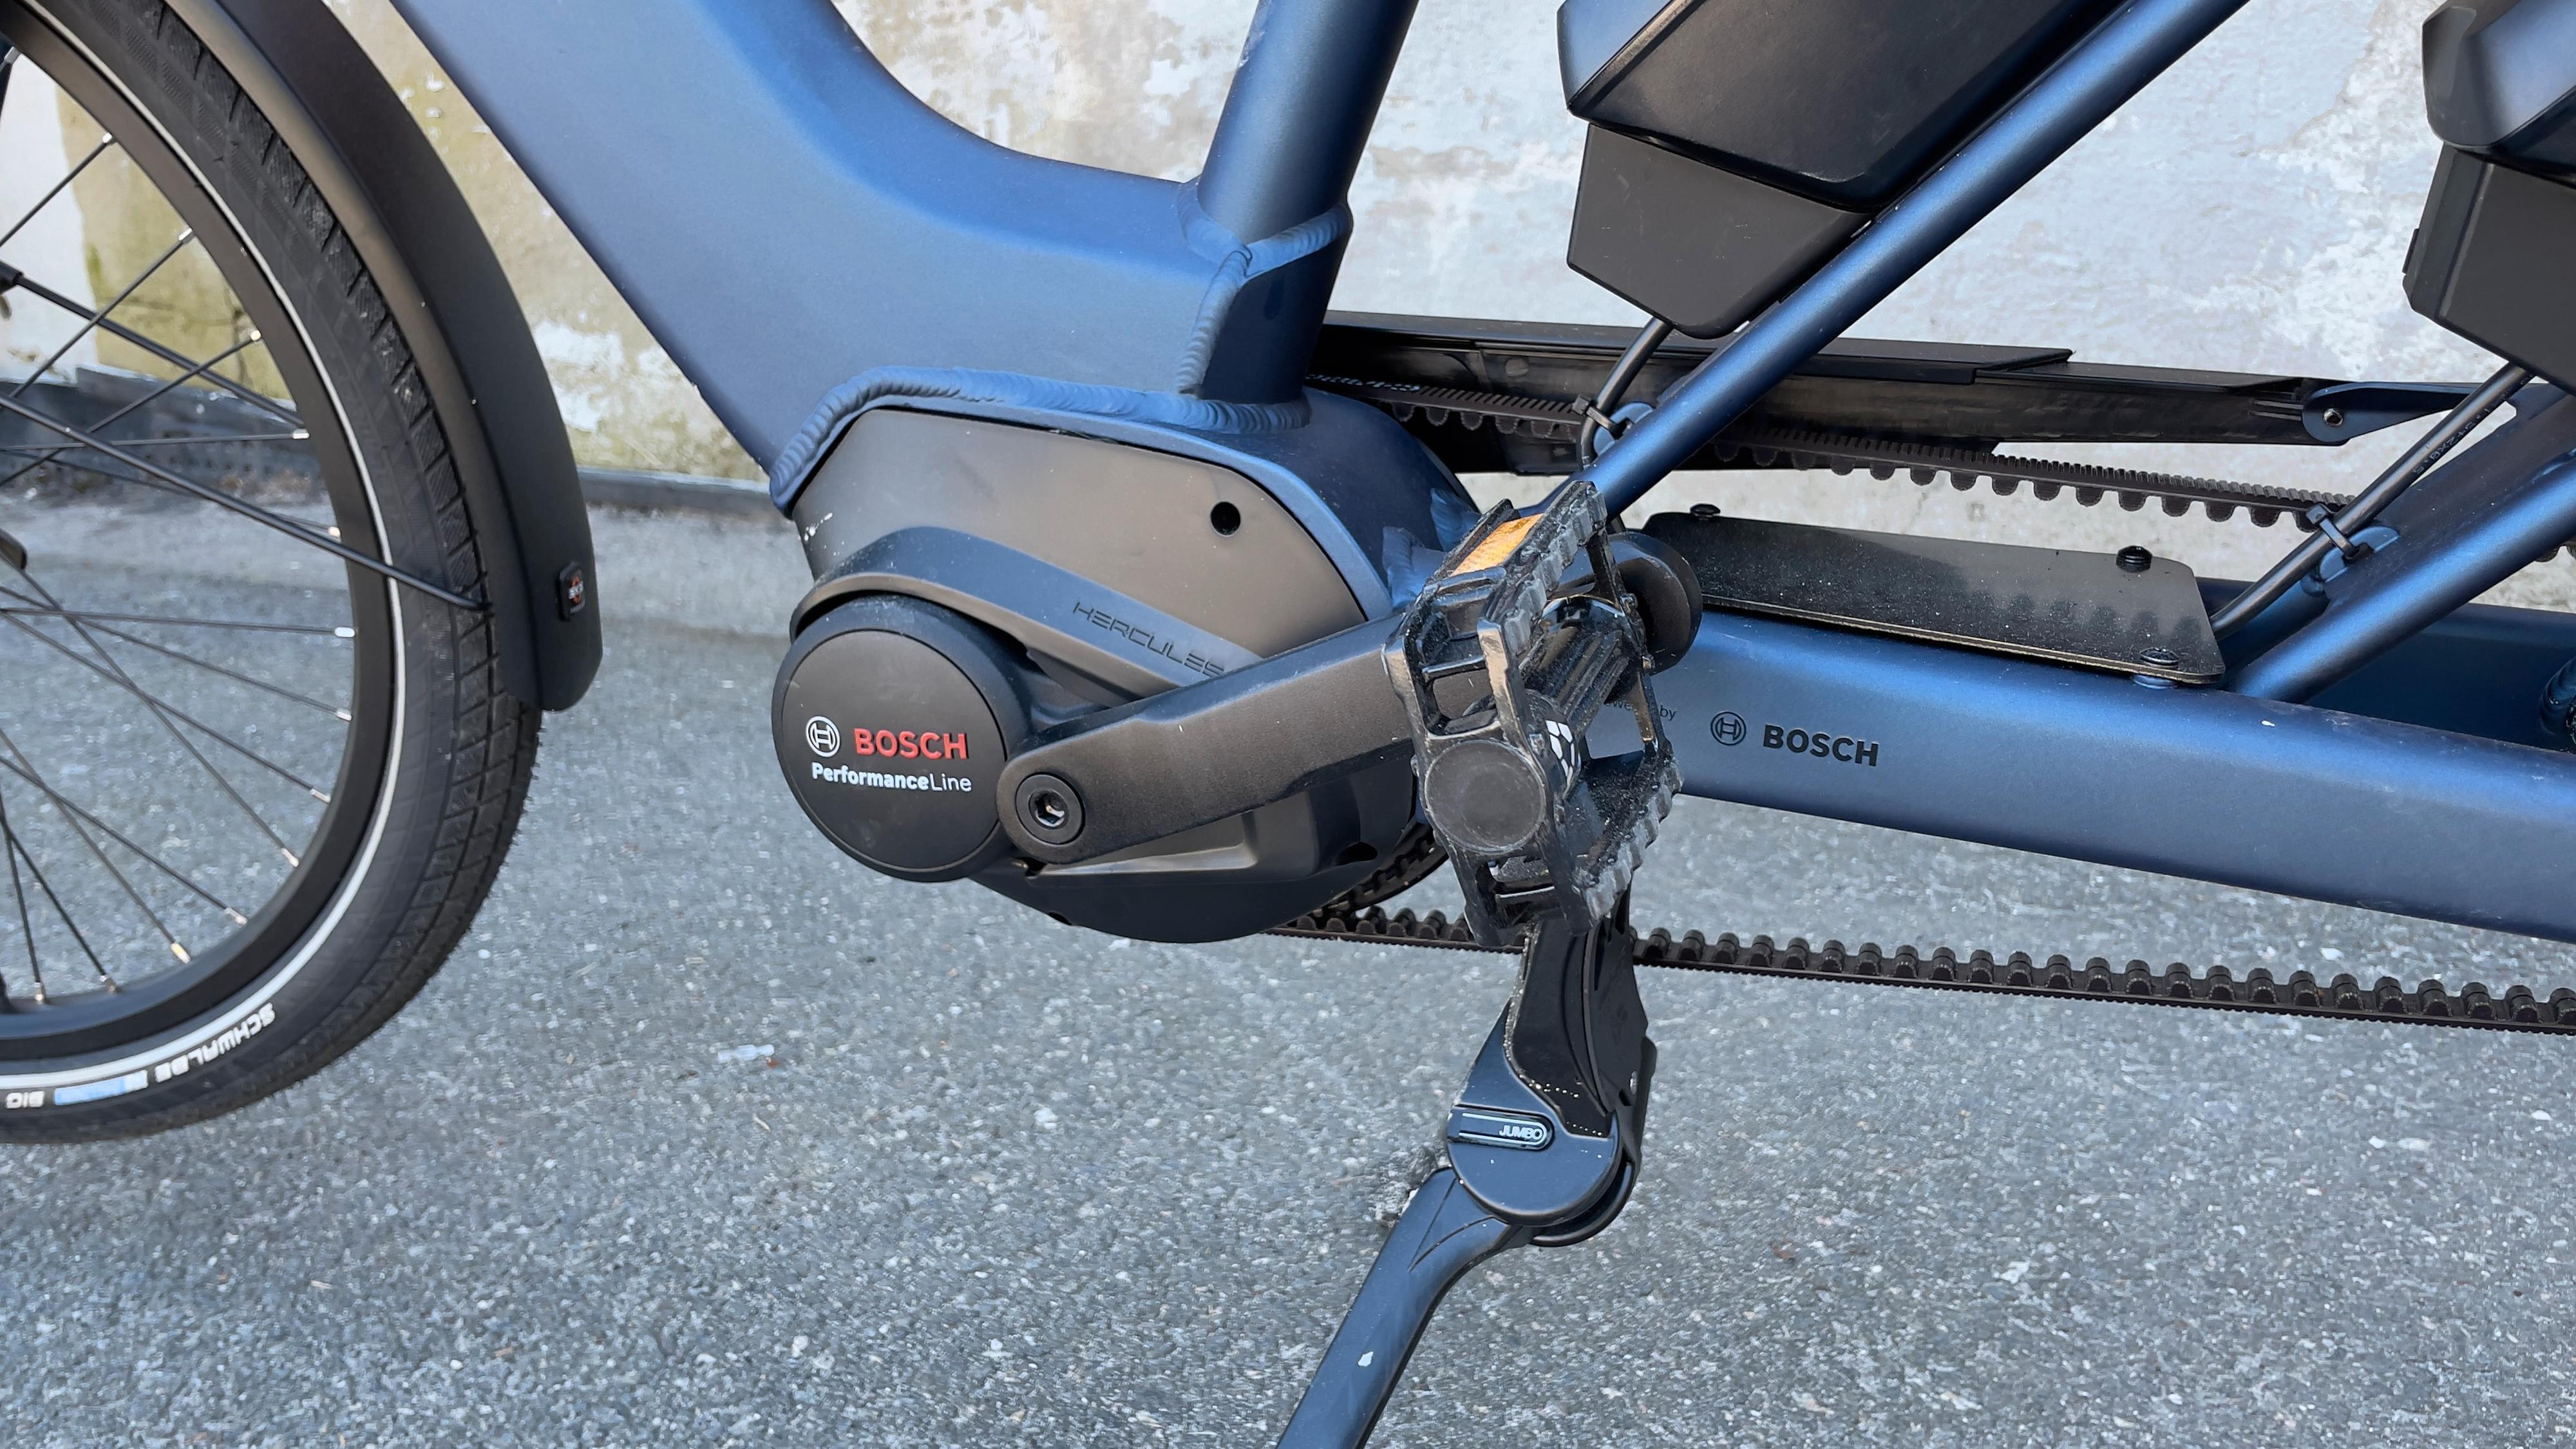 Sykkelen leveres med en Bosch-motor på 65 Nm.